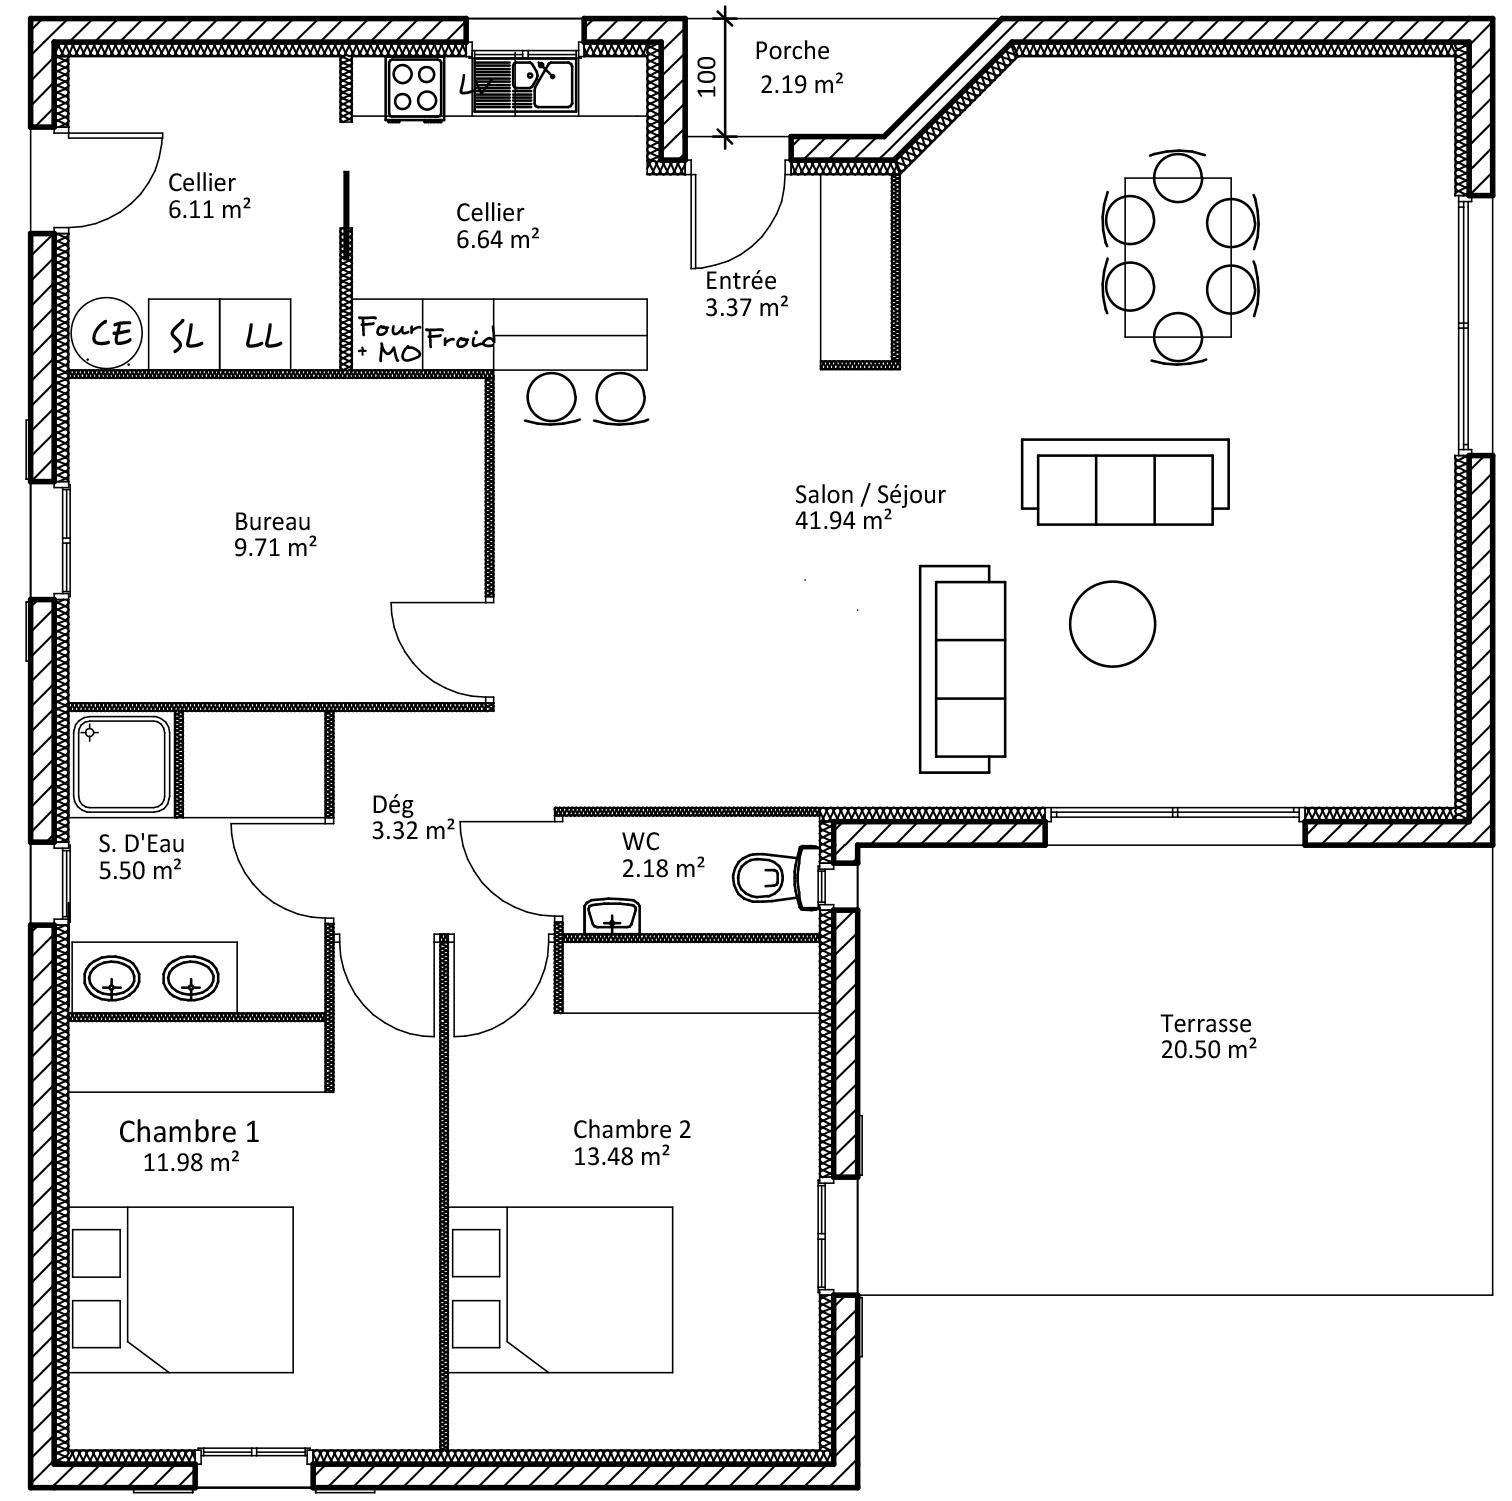 Le plan d une maison - Maison François Fabie